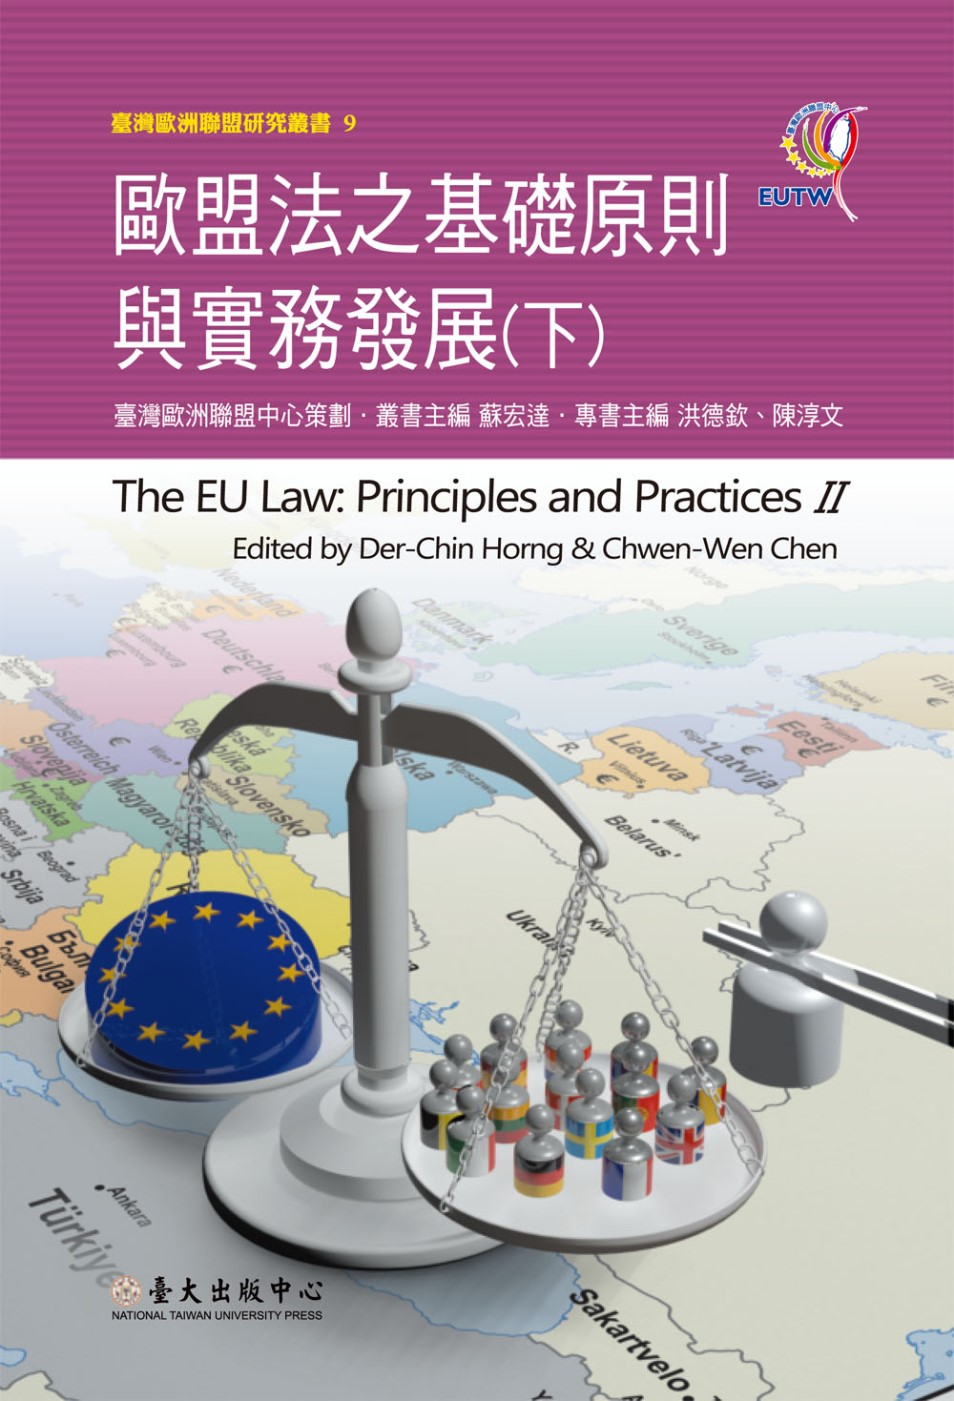 歐盟法之基礎原則與實務發展(下)